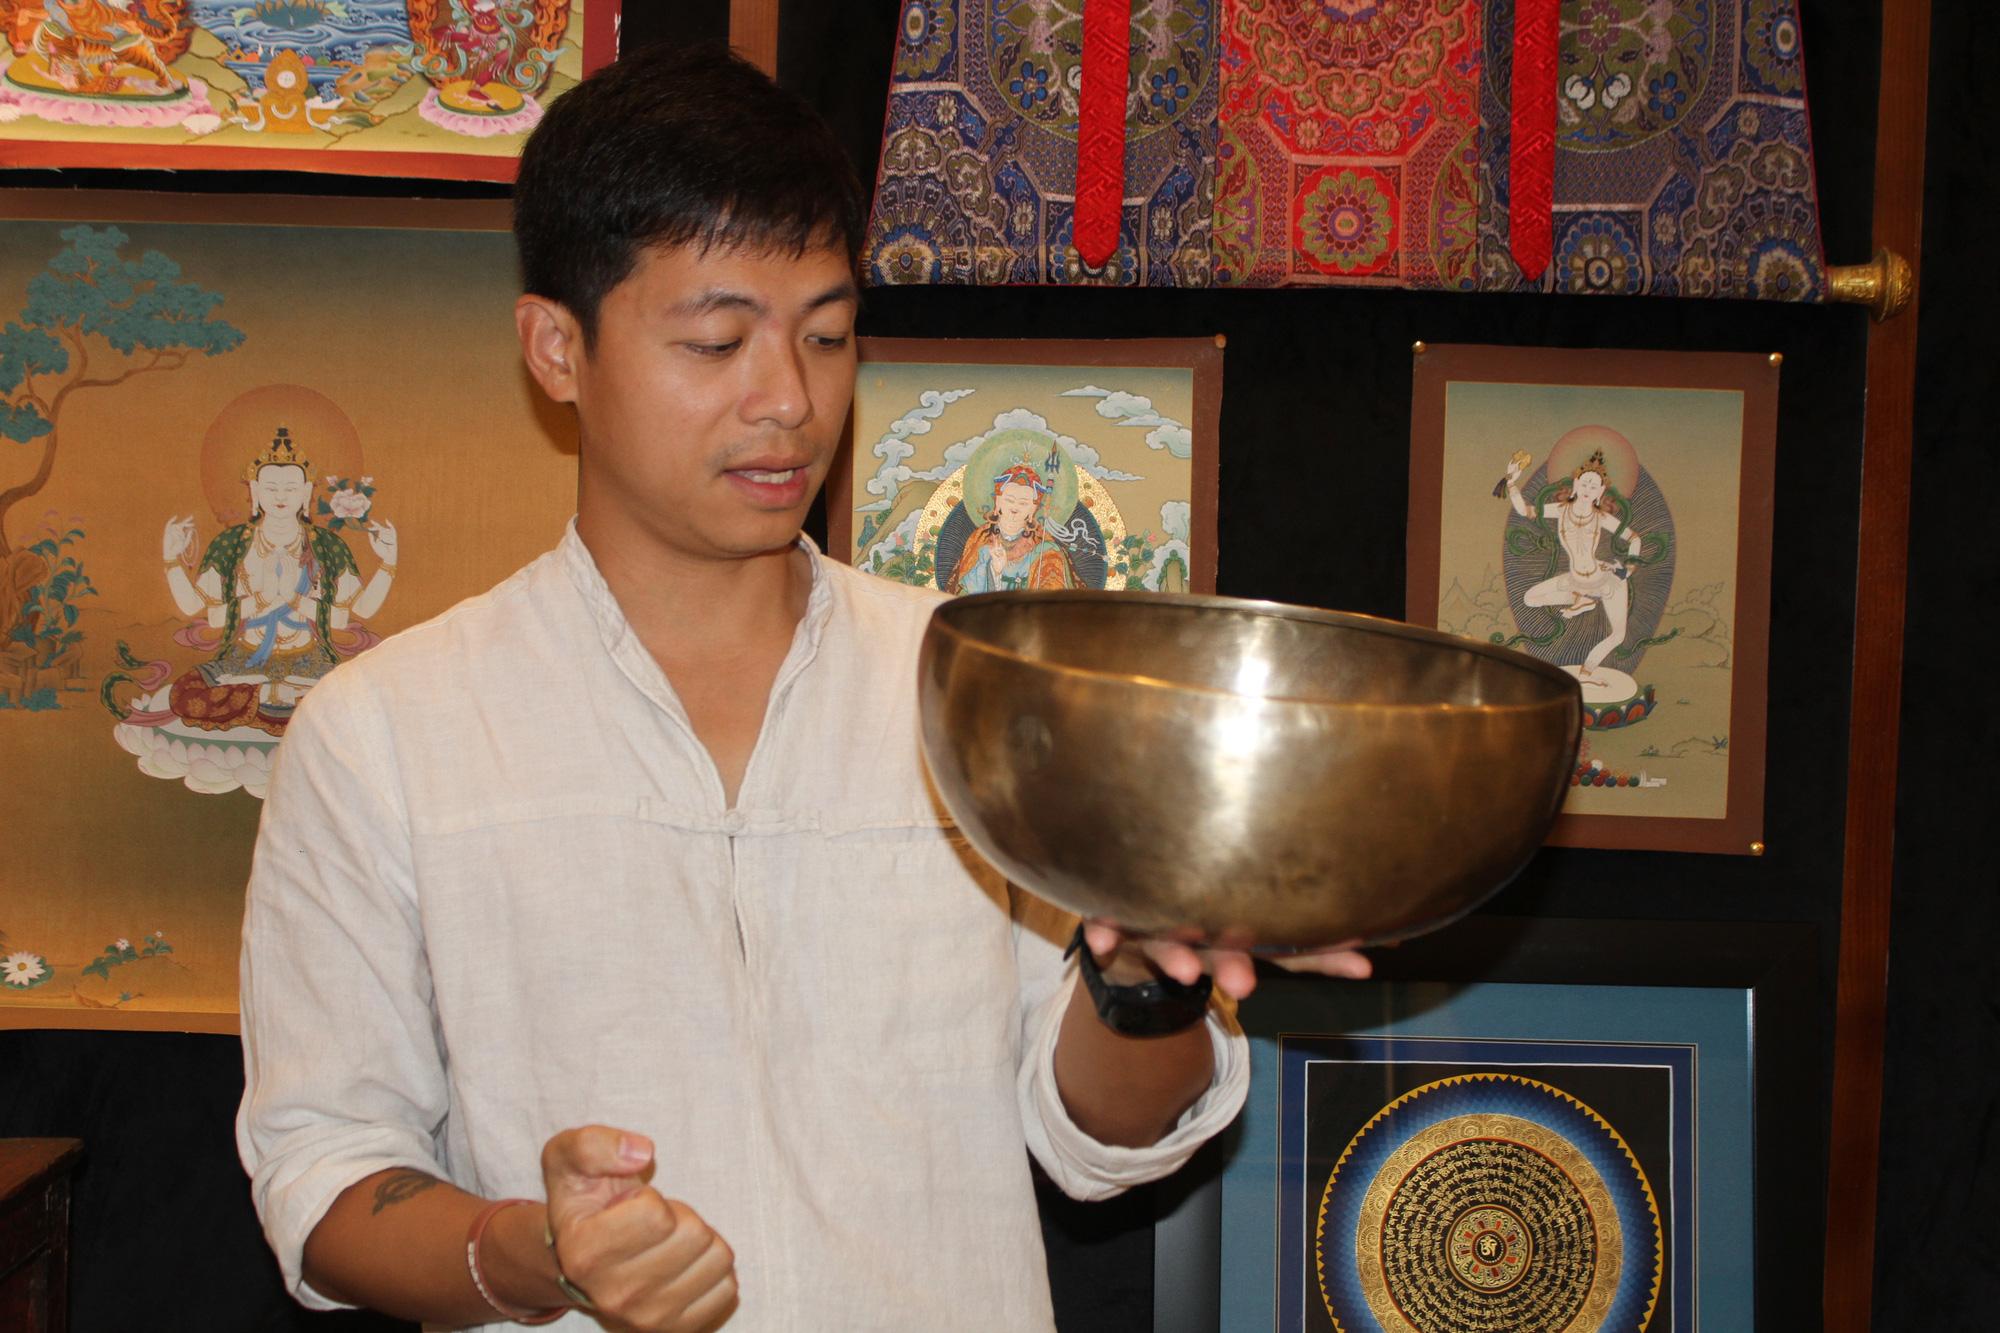 """Nguyễn Mạnh Duy, chủ dự án """"Ngôi nhà văn hoá Tây Tạng"""": """"Xứ tuyết Himalaya dẫn tôi tìm thấy hạnh phúc"""" - Ảnh 6."""